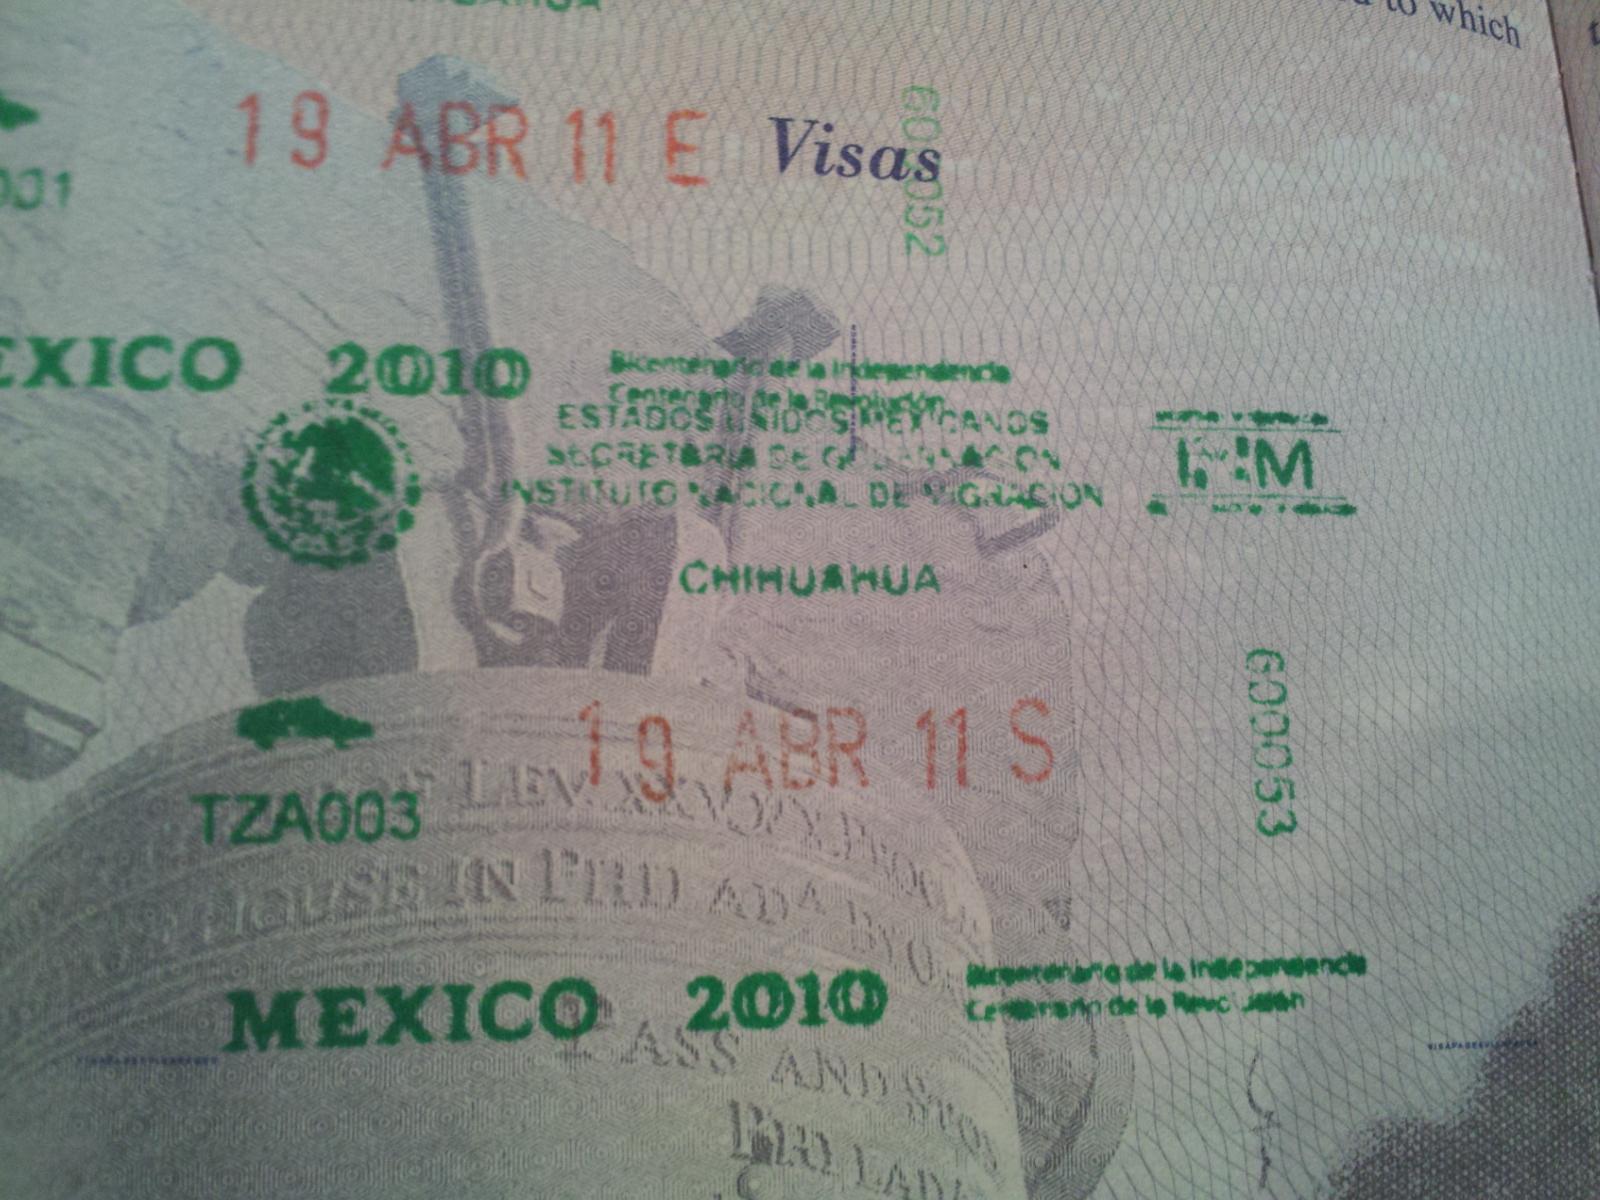 Mexico city international airport no exit passport stamp mexico mexico city international airport no exit passport stamp mexico city forum tripadvisor sciox Gallery